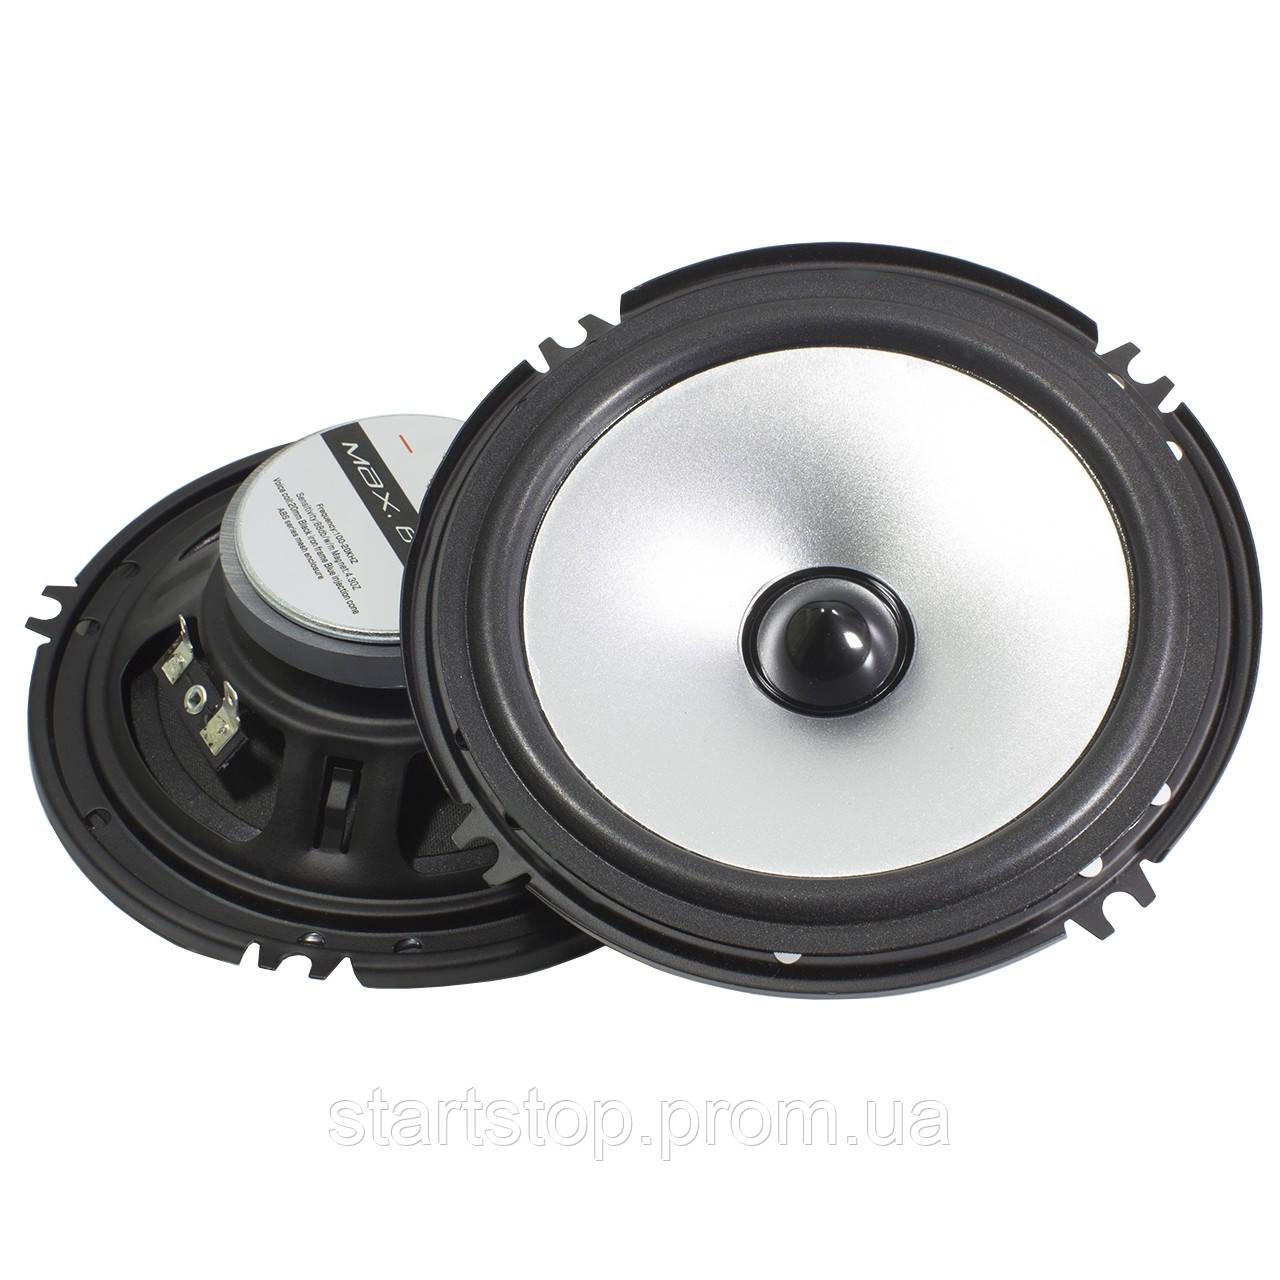 Купить Автоакустика Labo LB-PS1651D динамики 6.5-ти дюймовые 16.5 см 60 Вт встраиваемая автомобильная стерео (2399-5659)